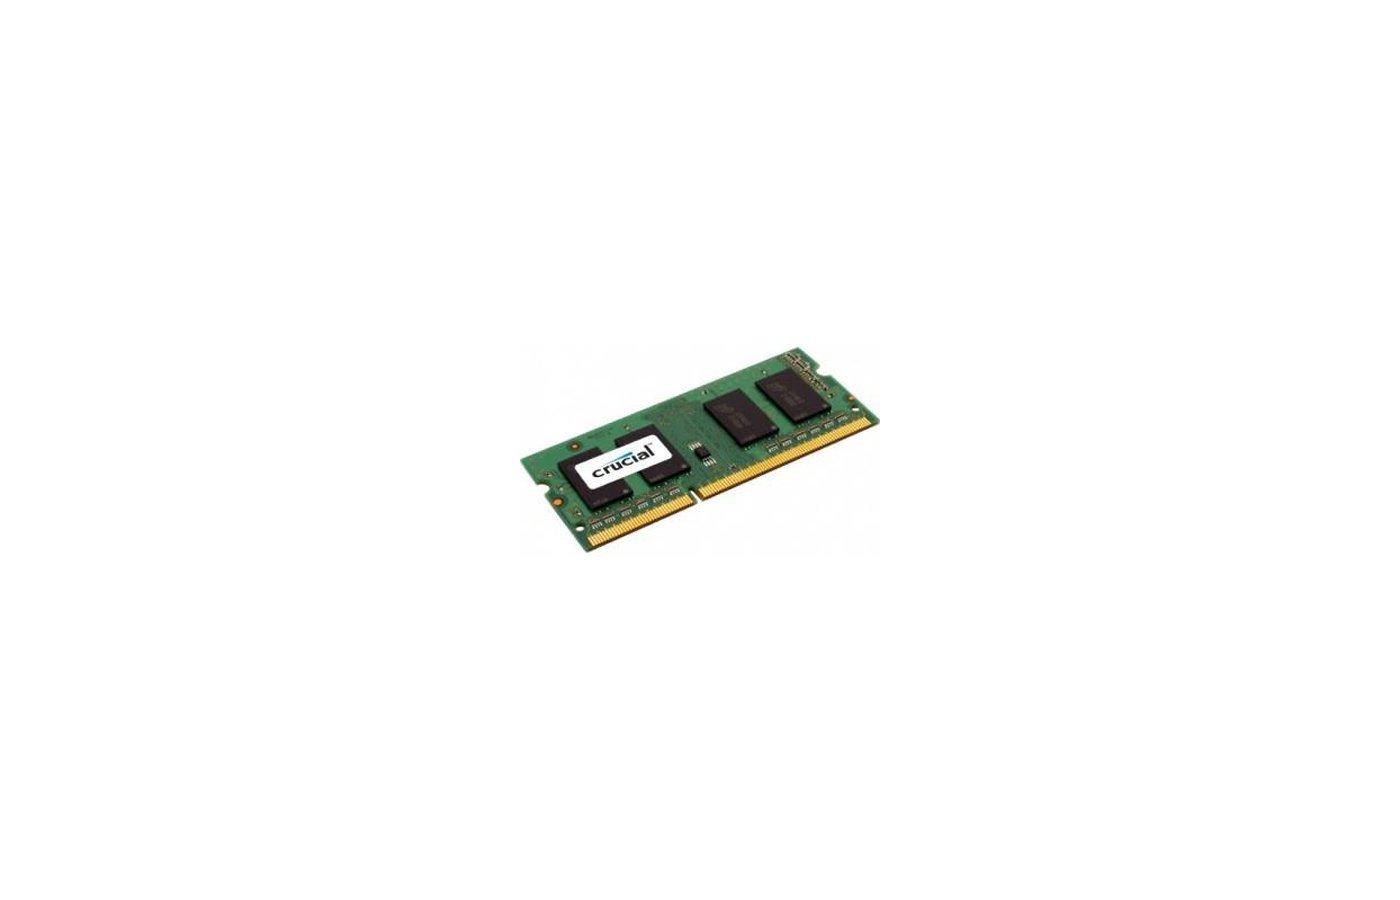 Оперативная память Crucial CT51264BF160B(J) RTL PC3-12800 DDR3L 4Gb 1600MHz CL11 SO-DIMM